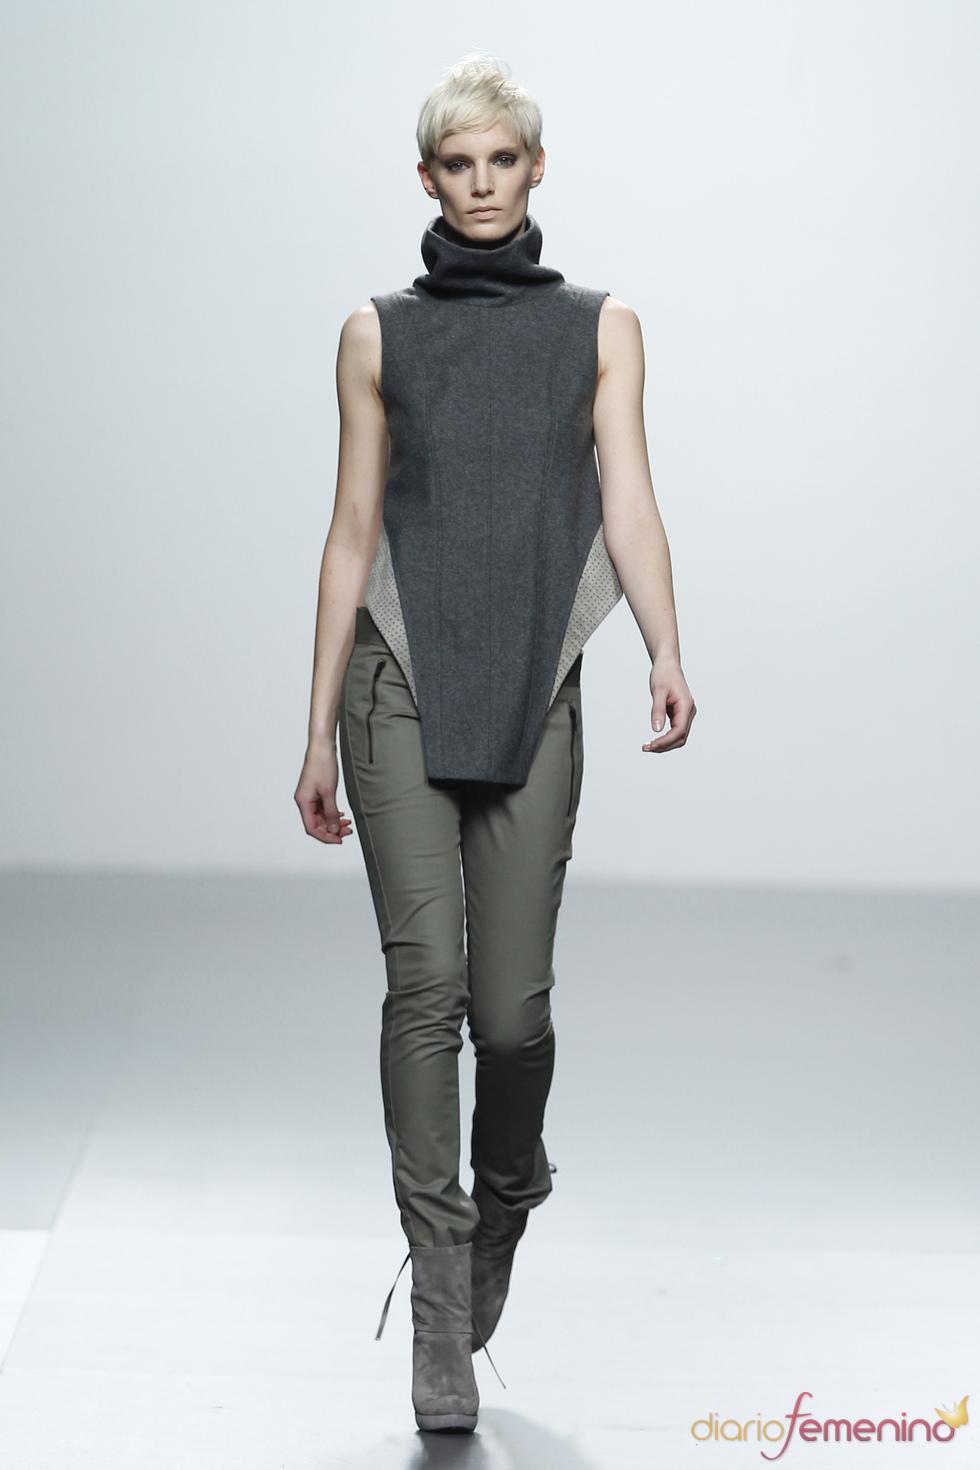 Conjunto gris con pantalón verde. Sala Coleman. Cibeles Madrid Fashion Week 2011